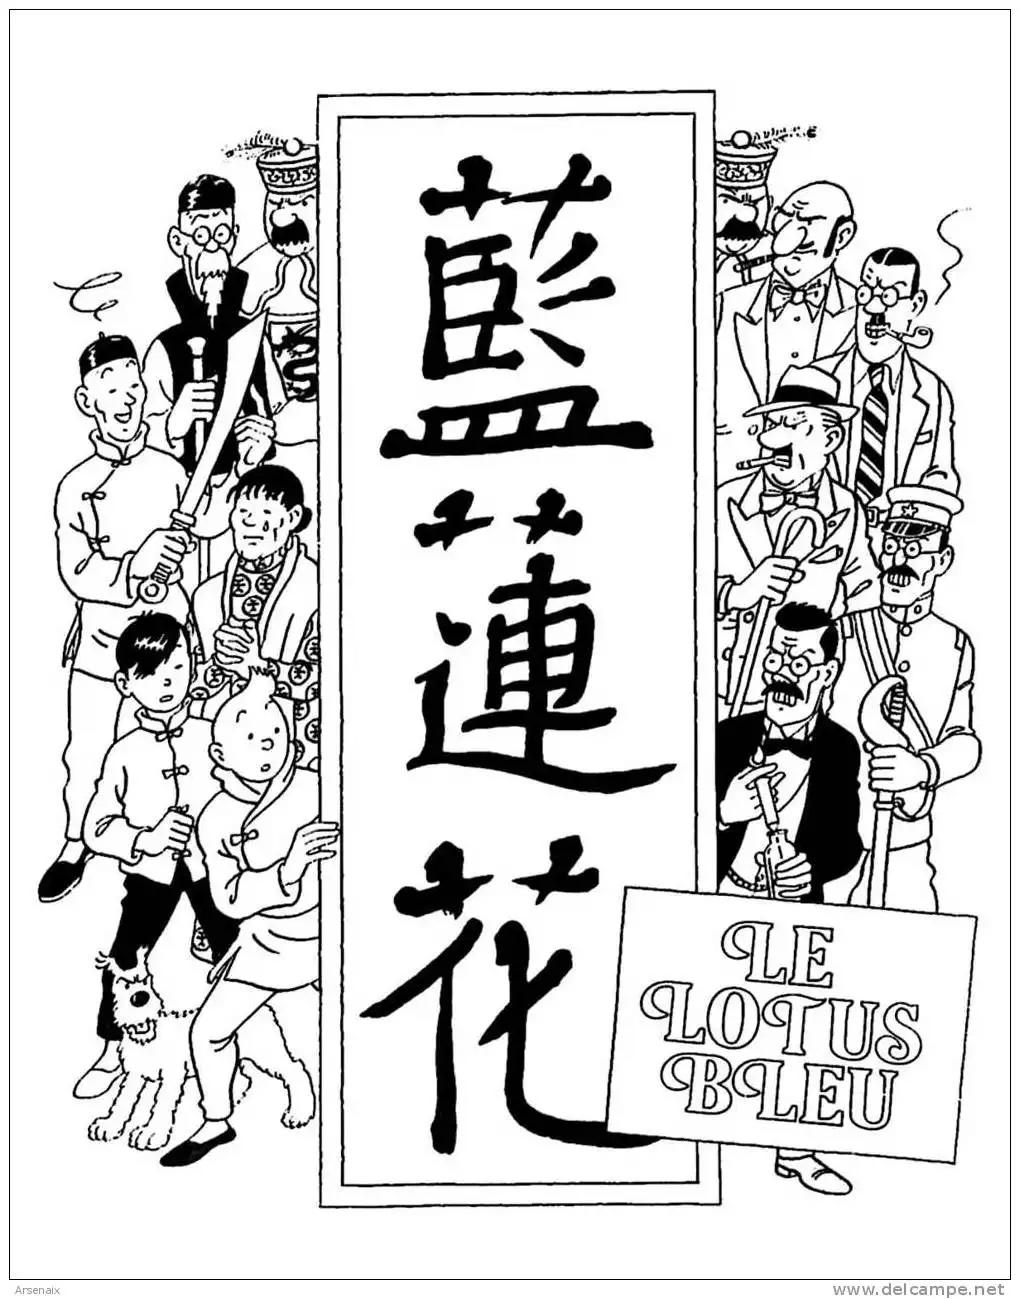 Disegni da colorare per adulti : Libri e fumetti - 39